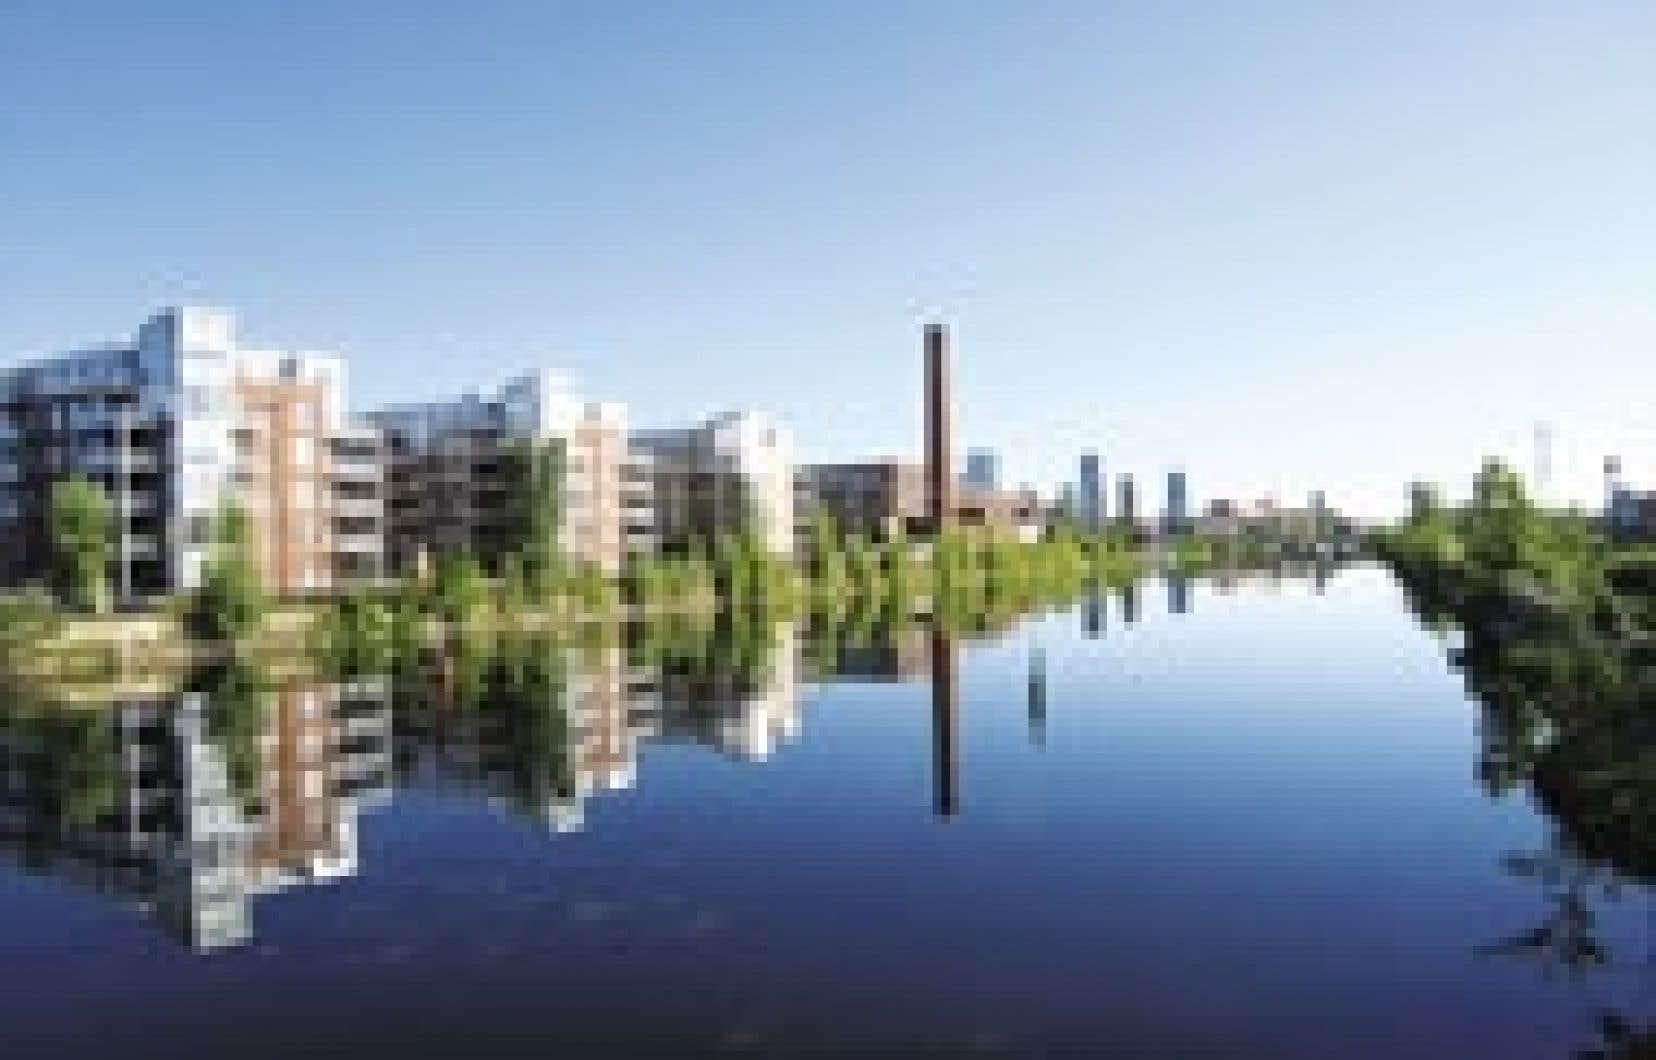 Les résidants des condominiums du Quai des éclusiers ont accès au canal Lachine. Source: Quai des éclusiers